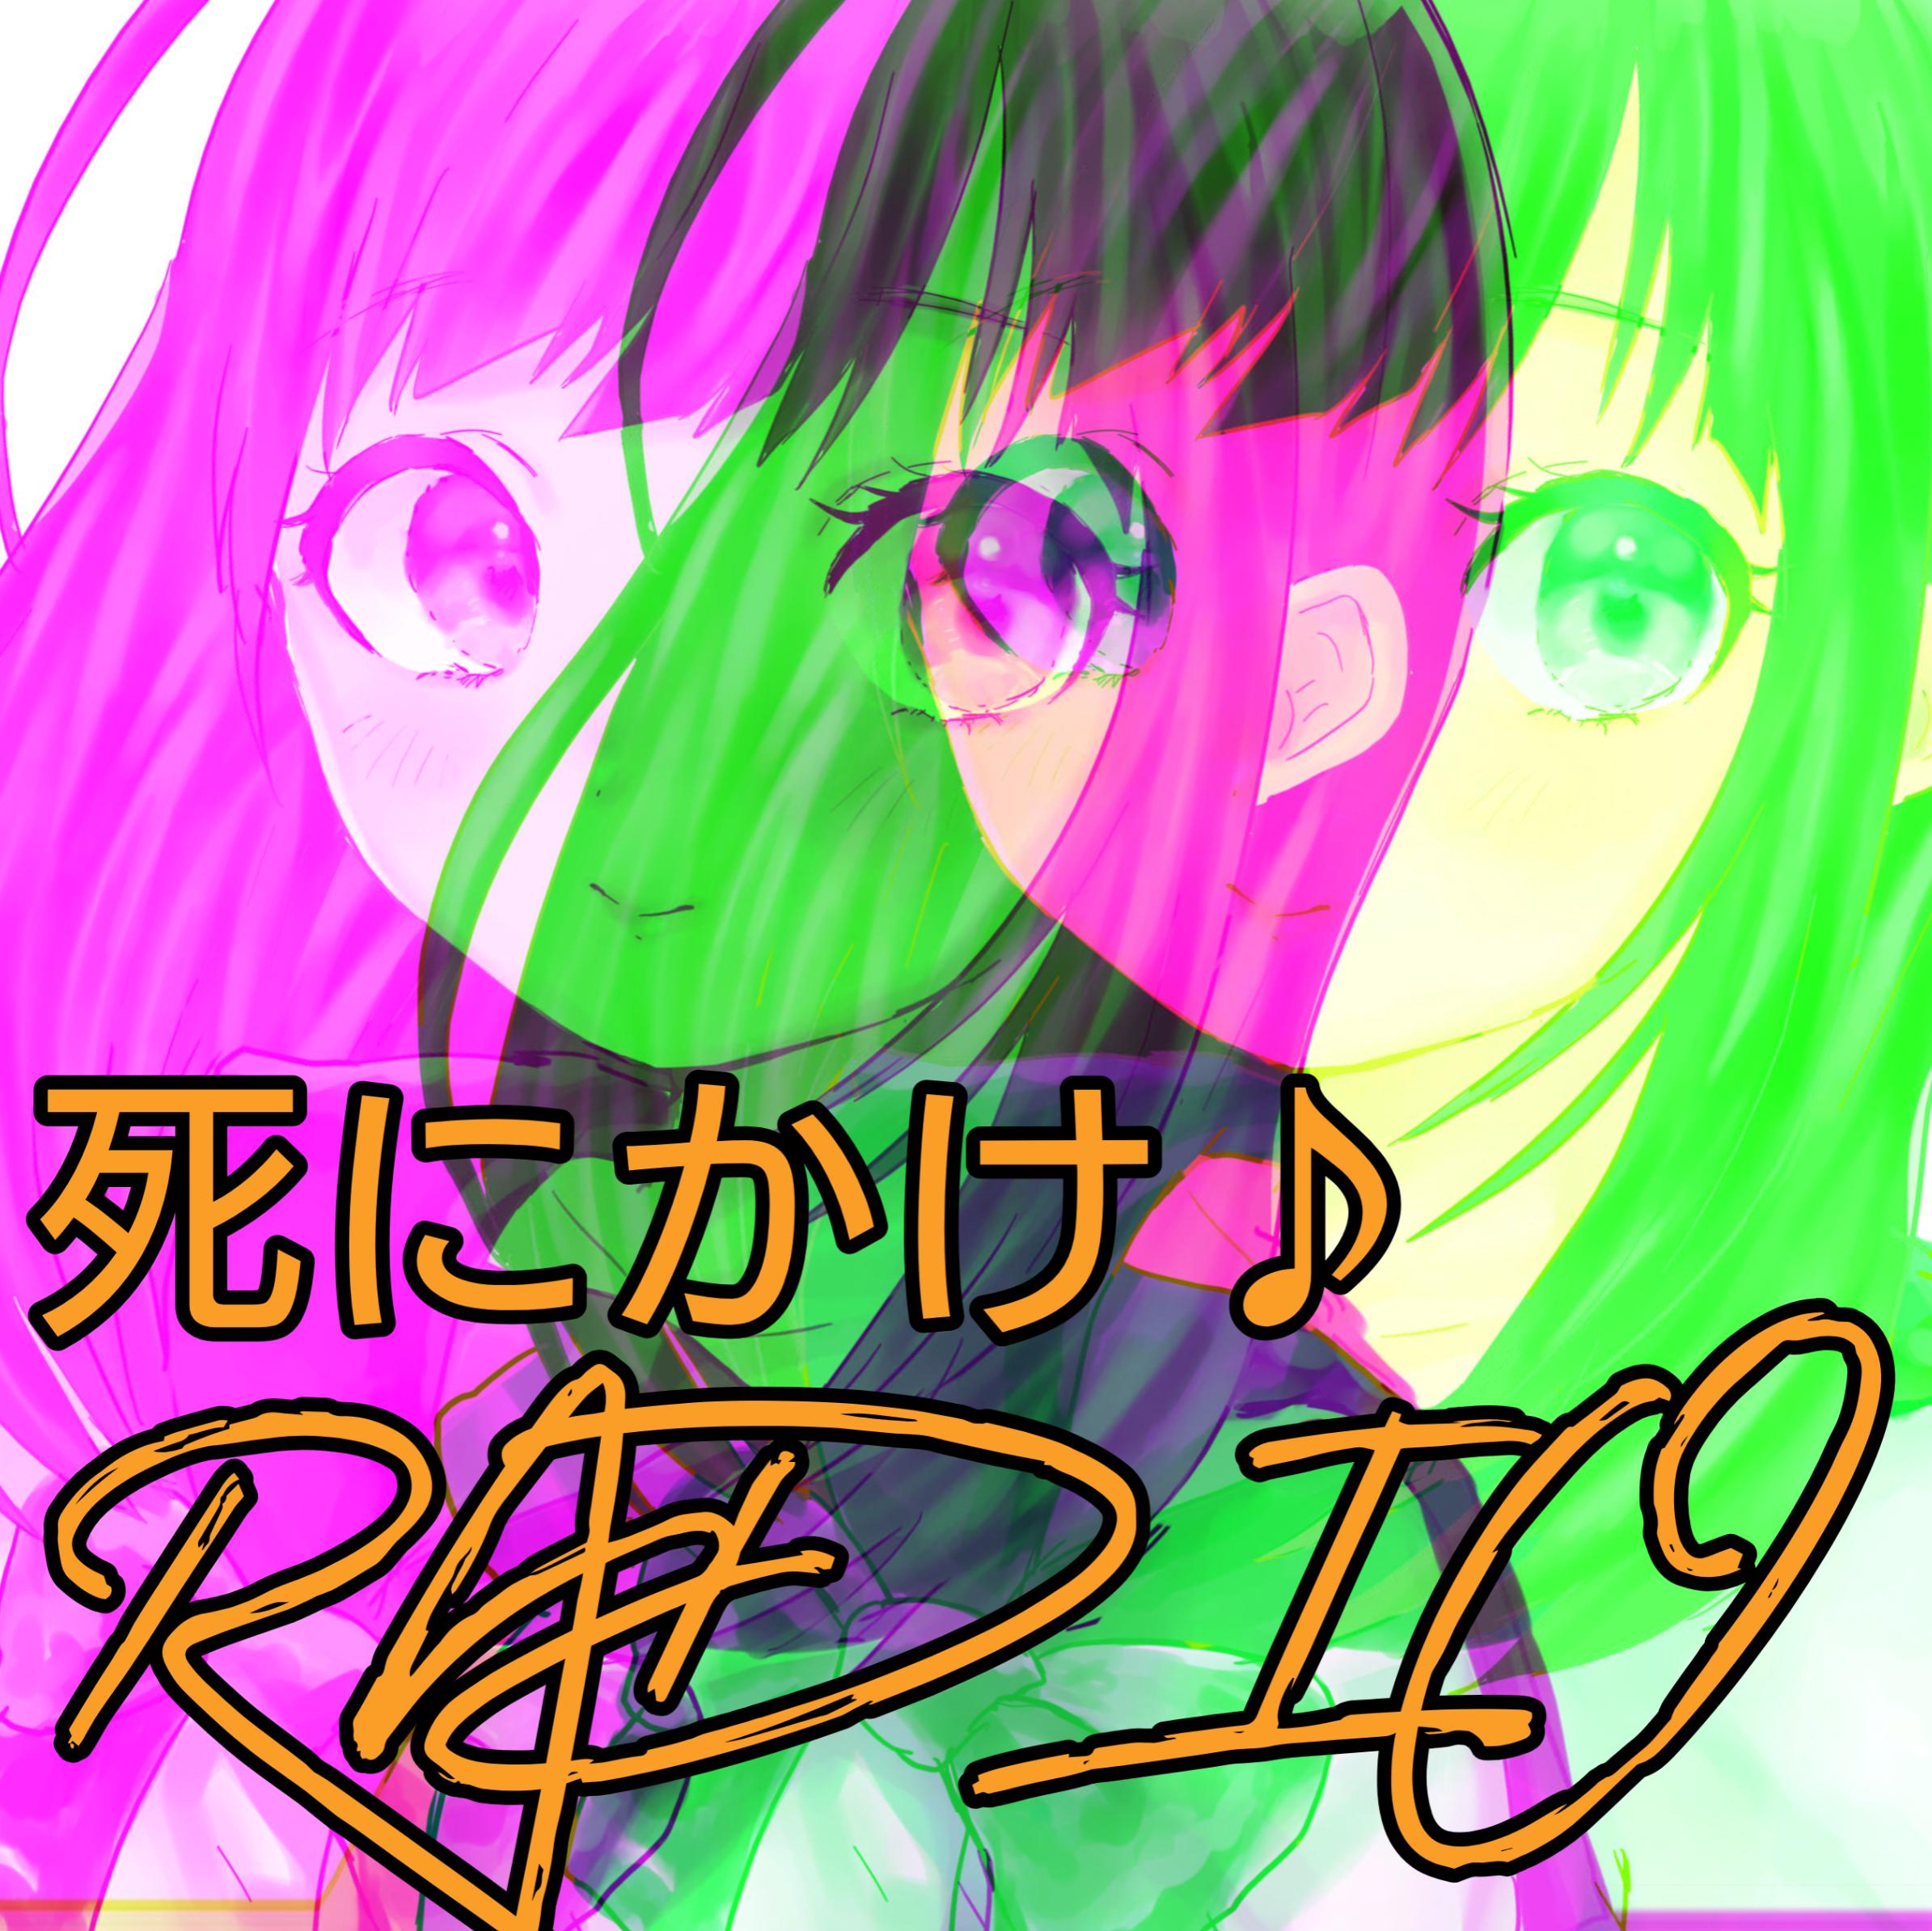 #番外編22 ラジオトーク漫才「ホストクラブ」feat.チケットボンバーズ